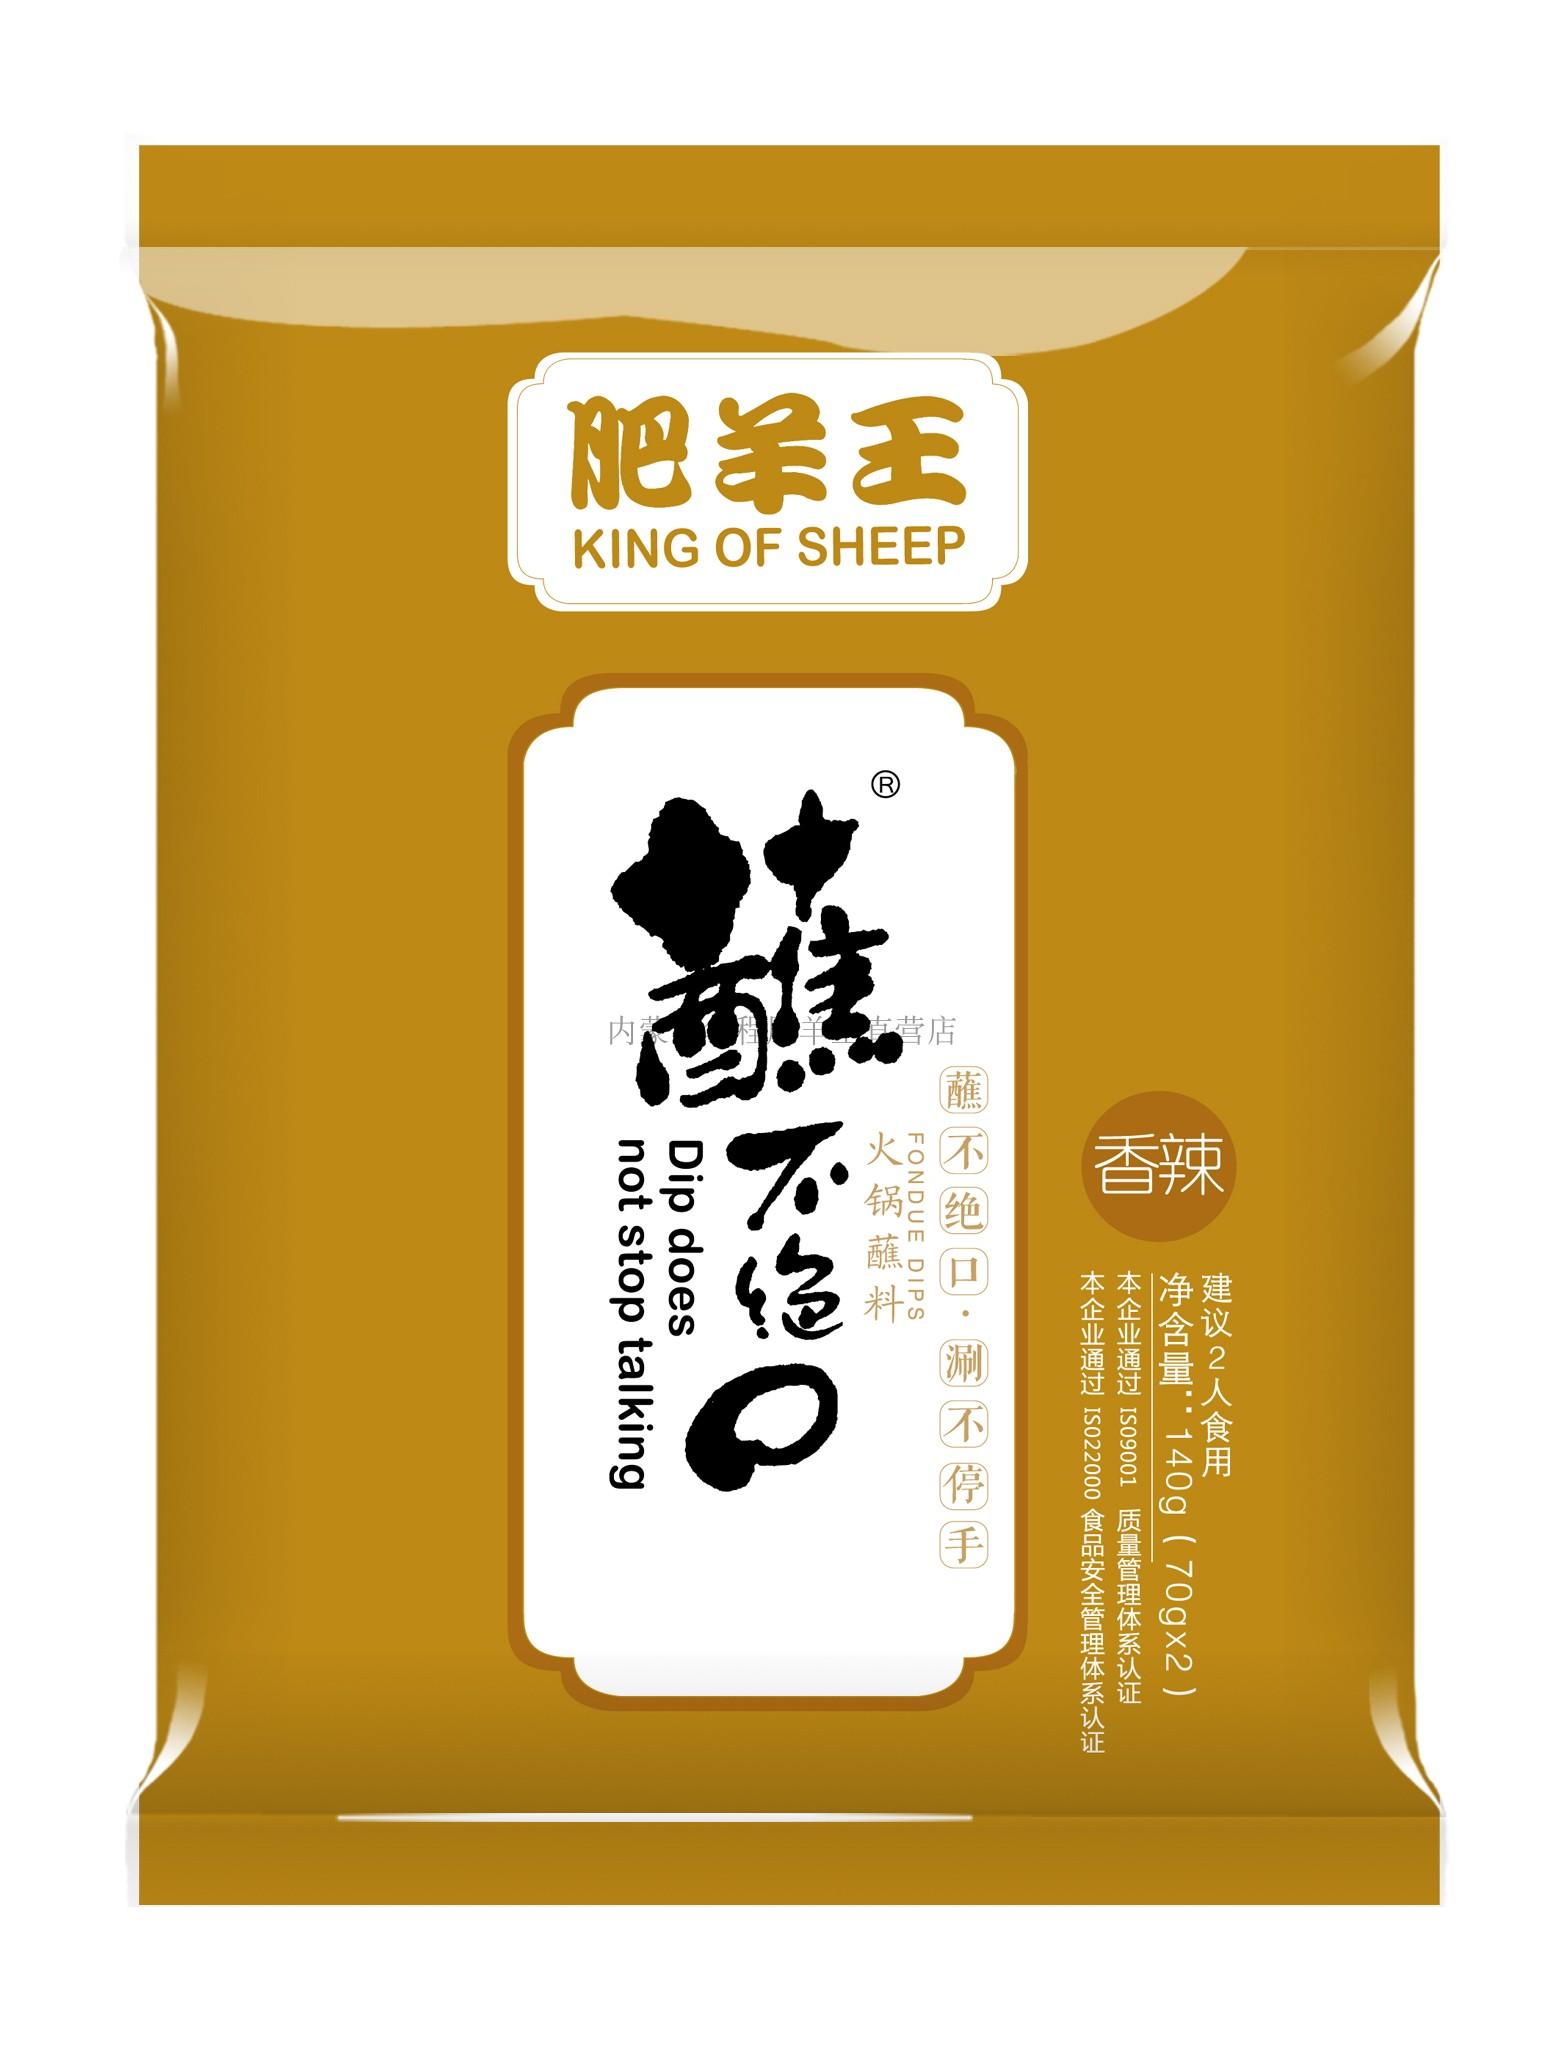 内蒙古肥羊王火锅沾料蘸料调料蘸不绝口香辣140g。满10袋包邮